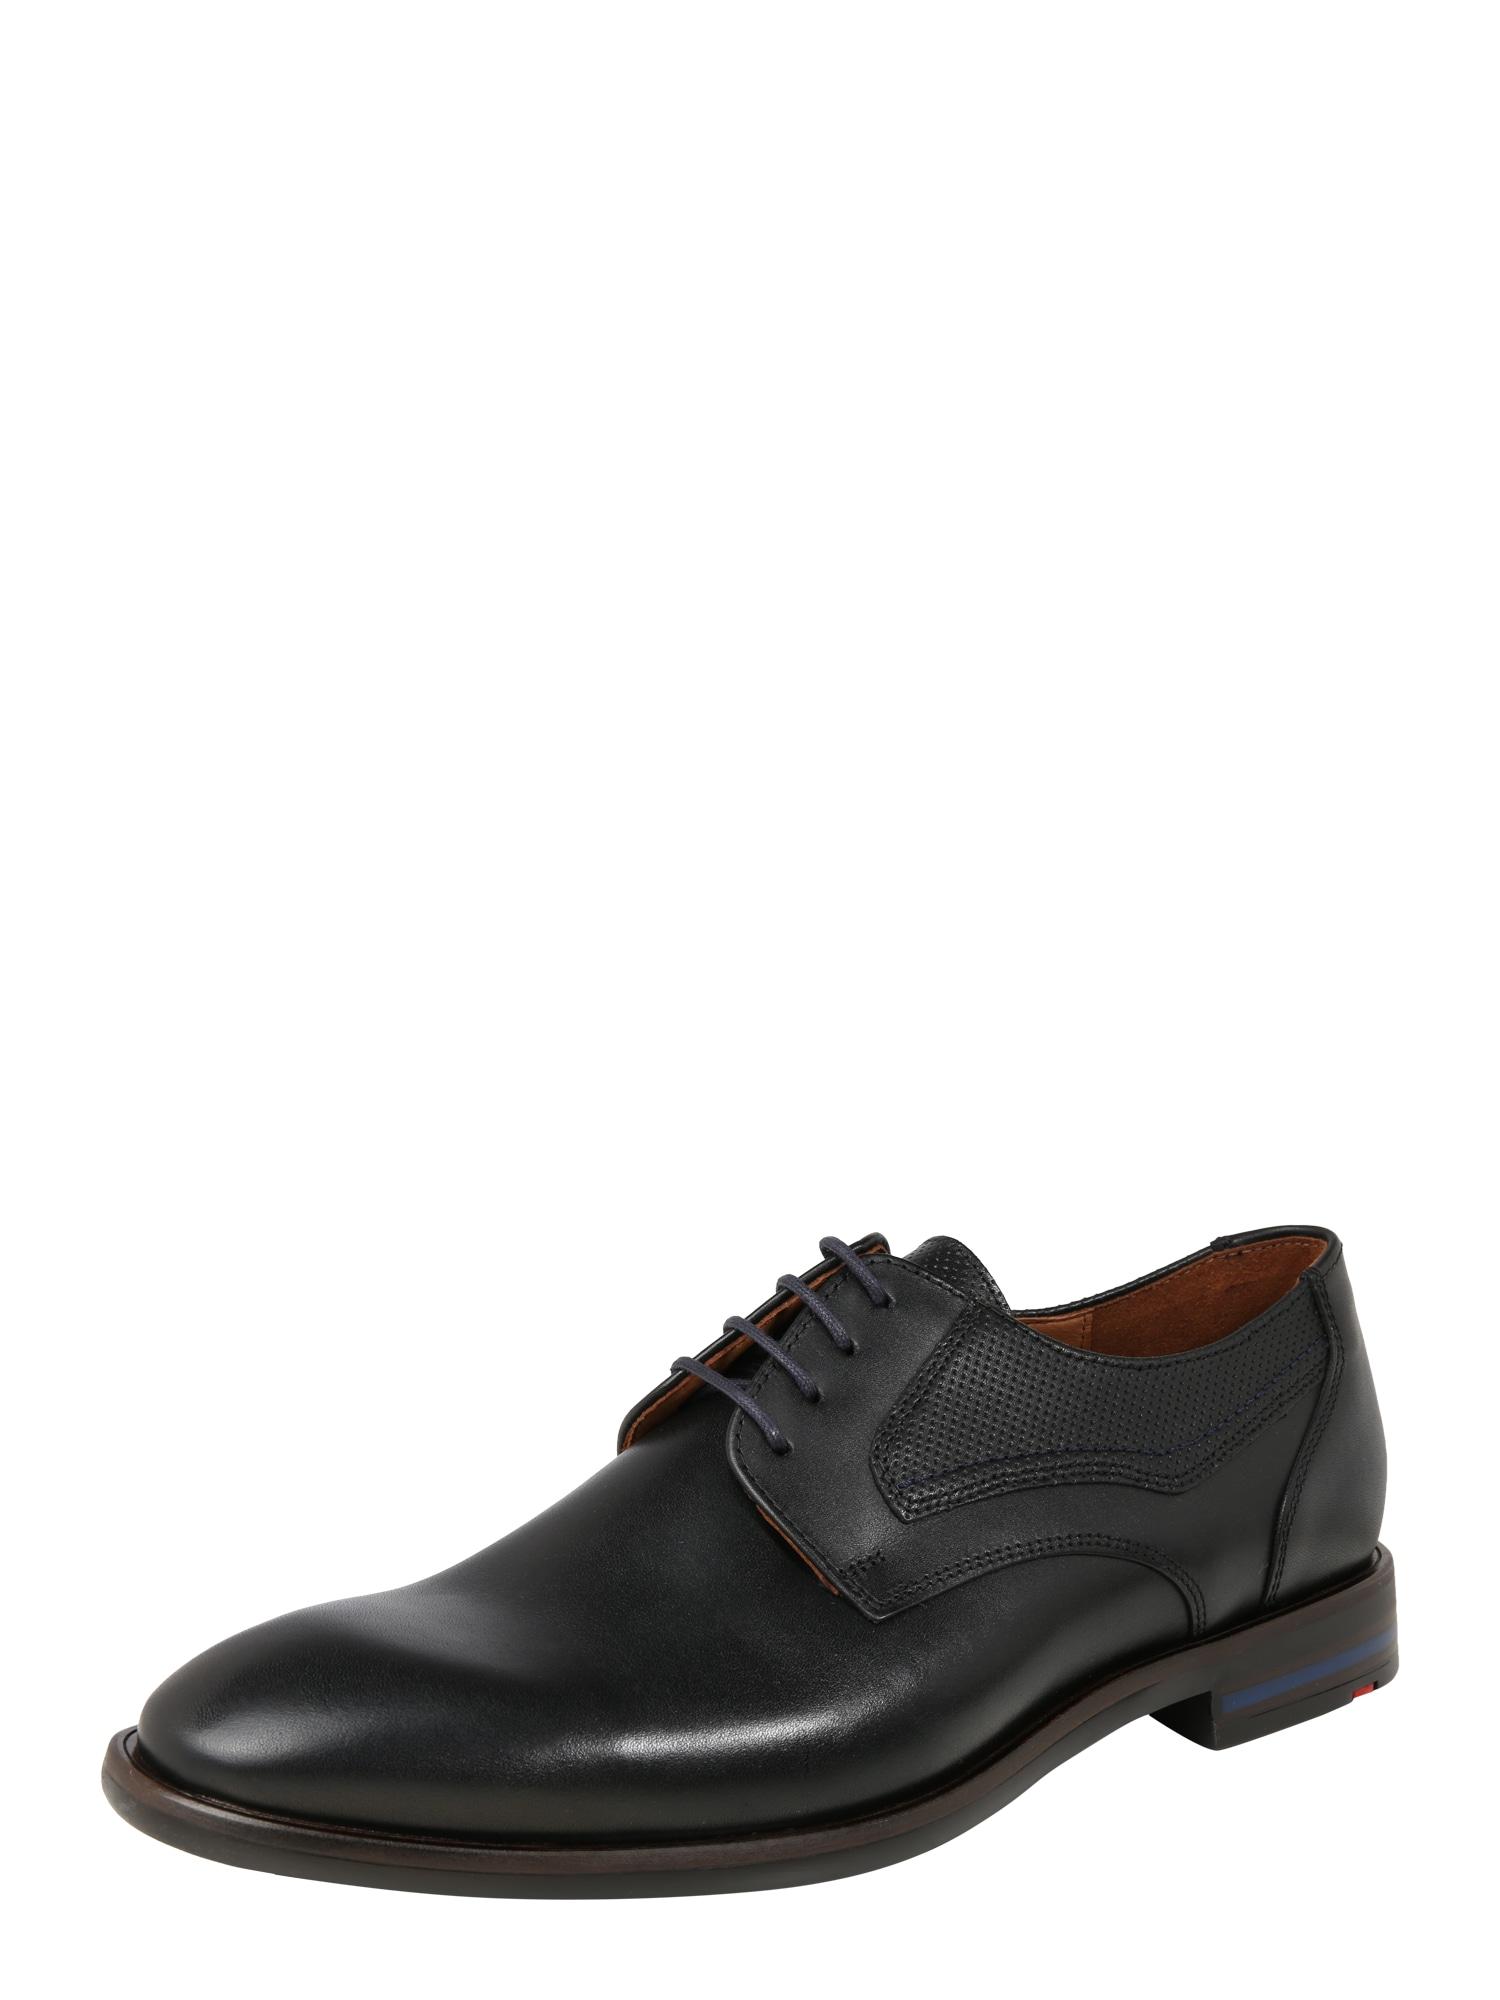 Šněrovací boty Dane černá LLOYD